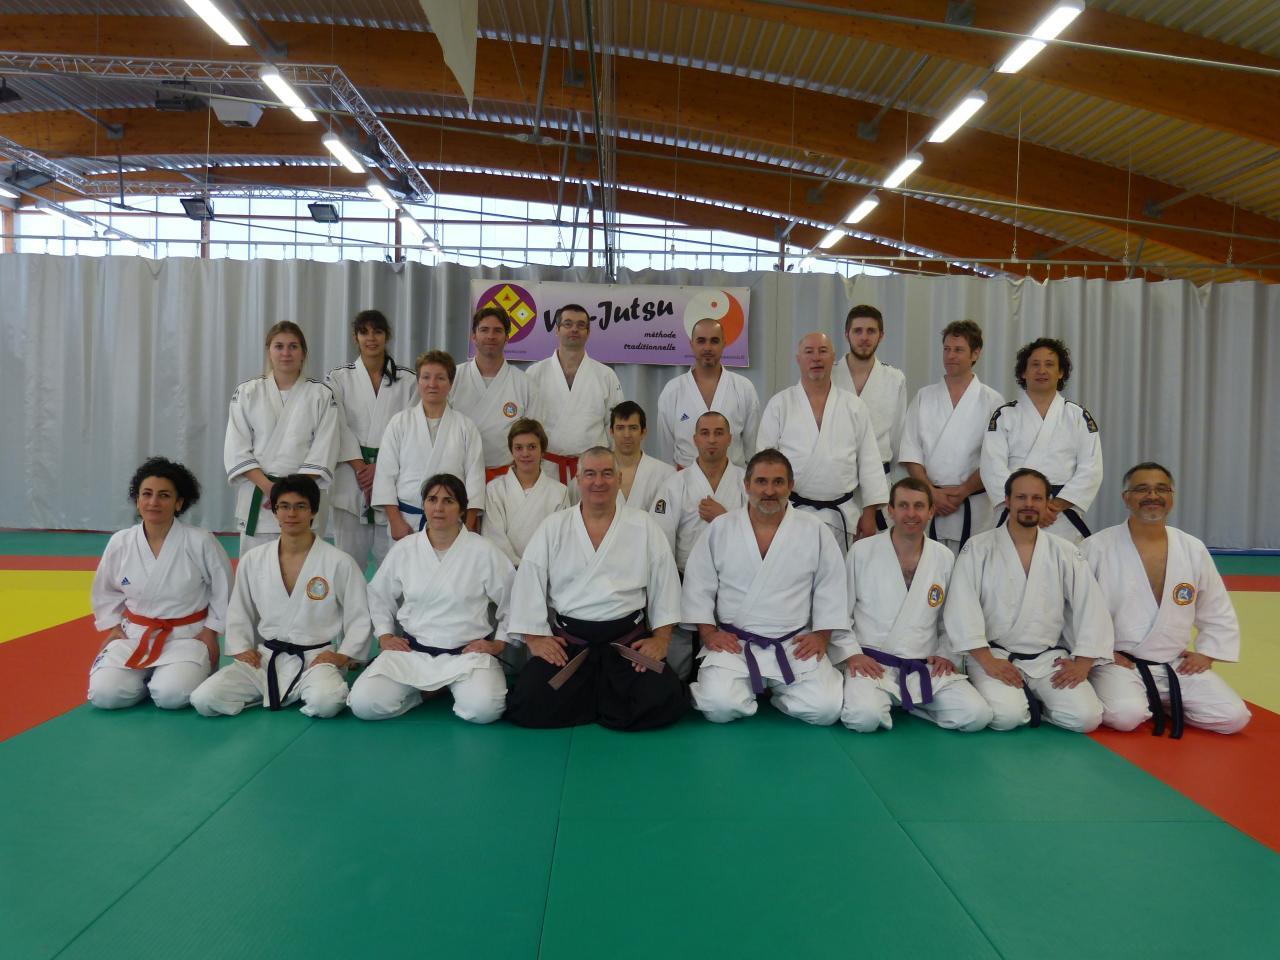 Maître QUERO avec M. MAILLOU et les membres du Wa-Jutsu Villeneuvois 8 février 2015